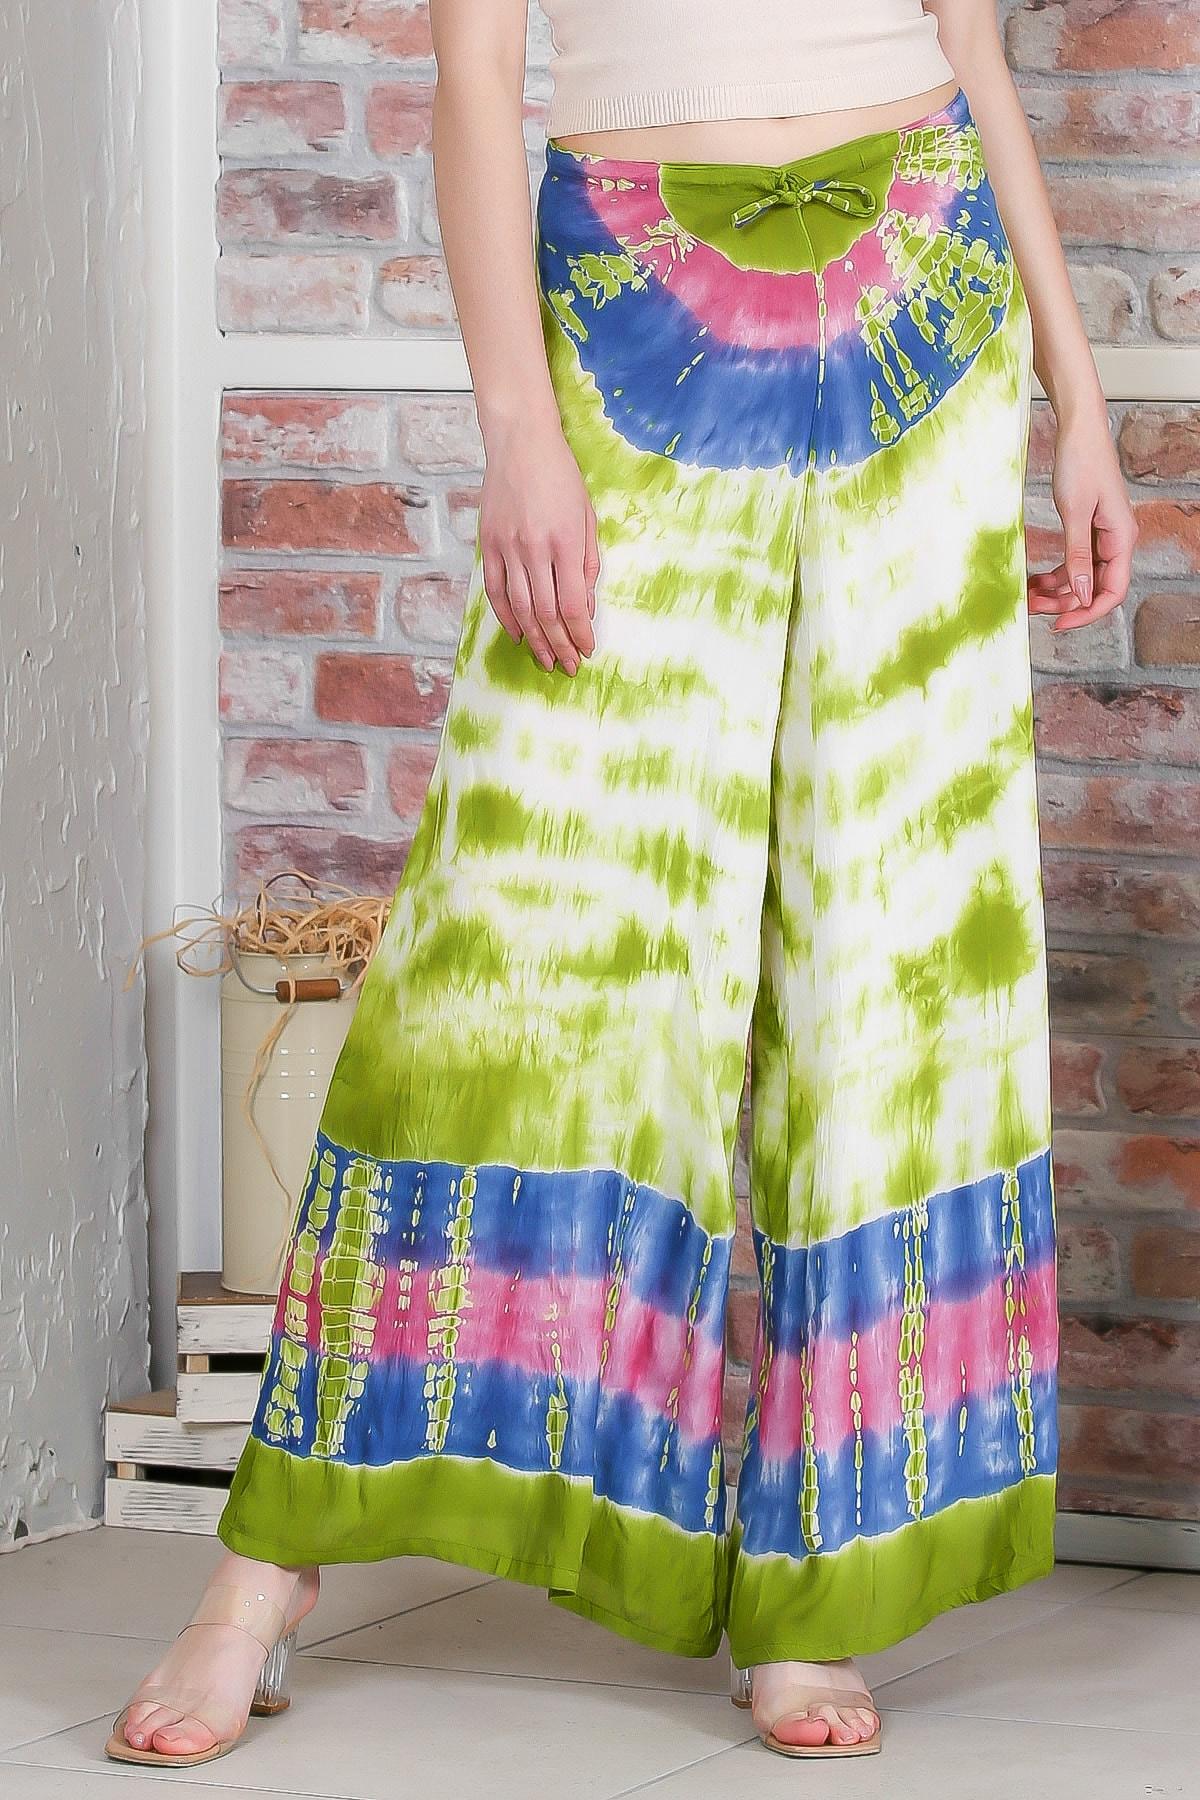 Chiccy Kadın Yeşil Batik Desenli Bol Paçalı Dokuma Pantolon M10060000PN98899